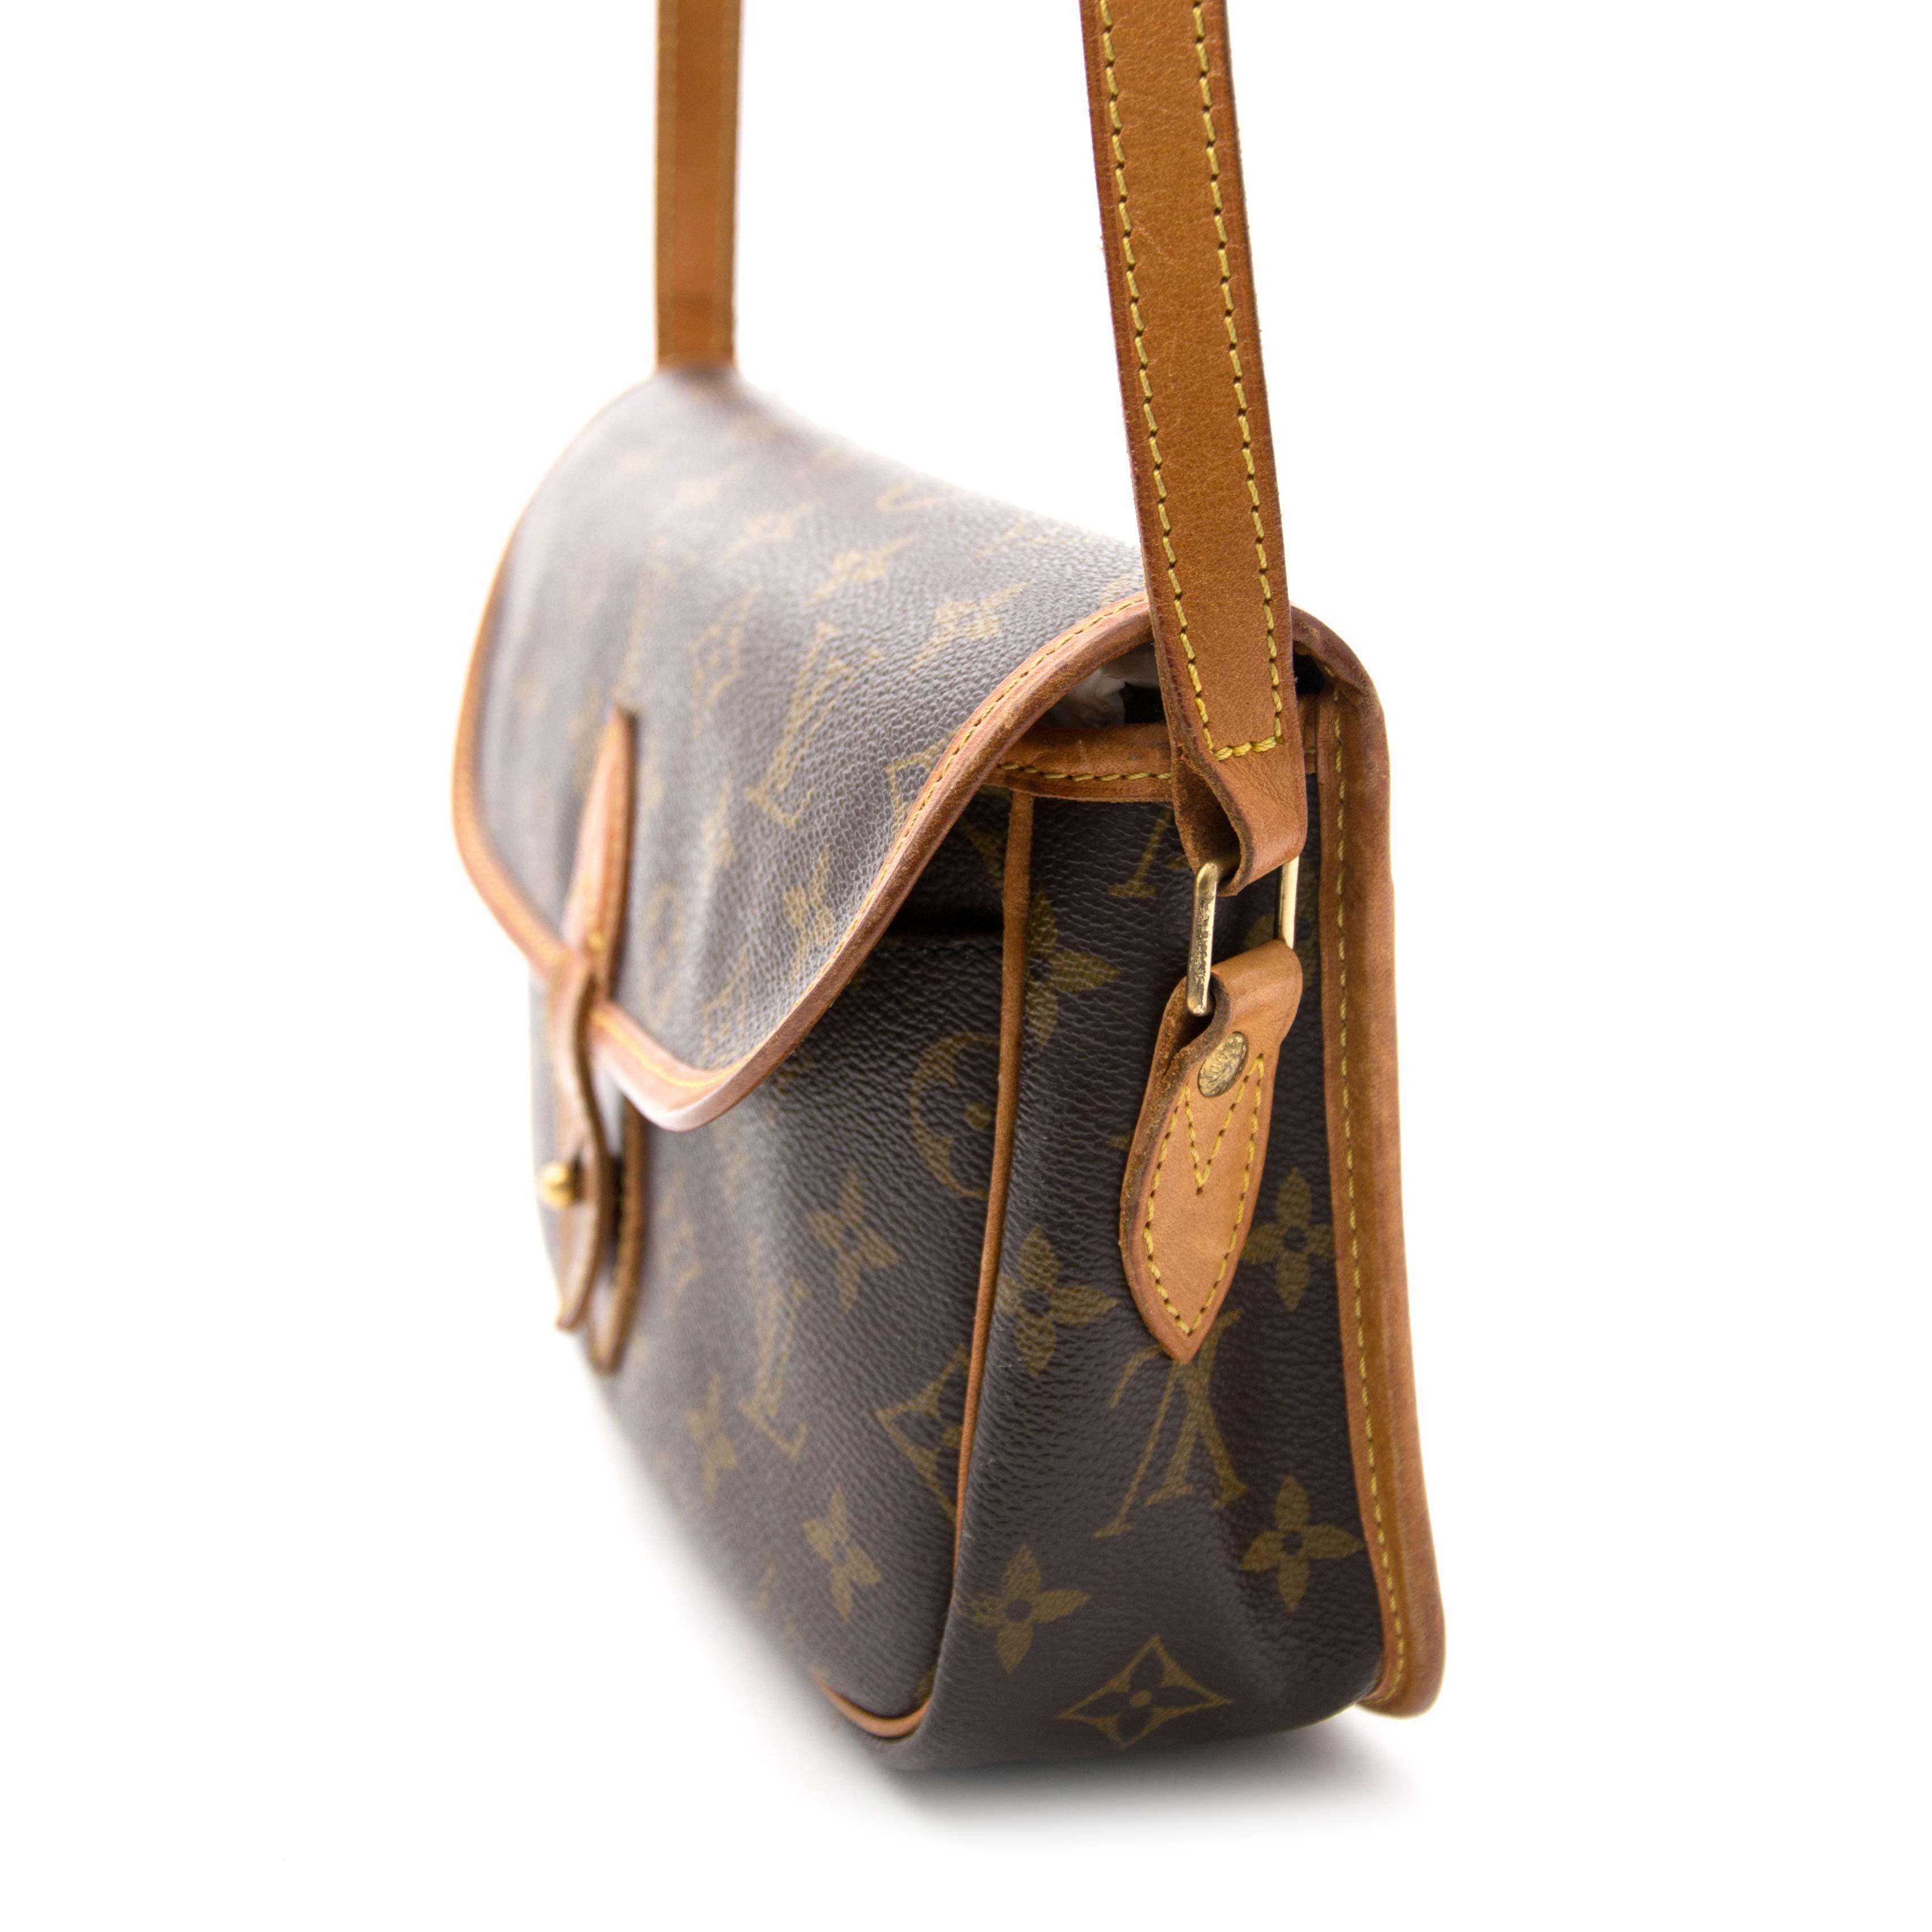 ... koop online aan de beste prijs jou tweedehands Louis Vuitton Monogram  Sac Gibeciere PM 318a3304b44